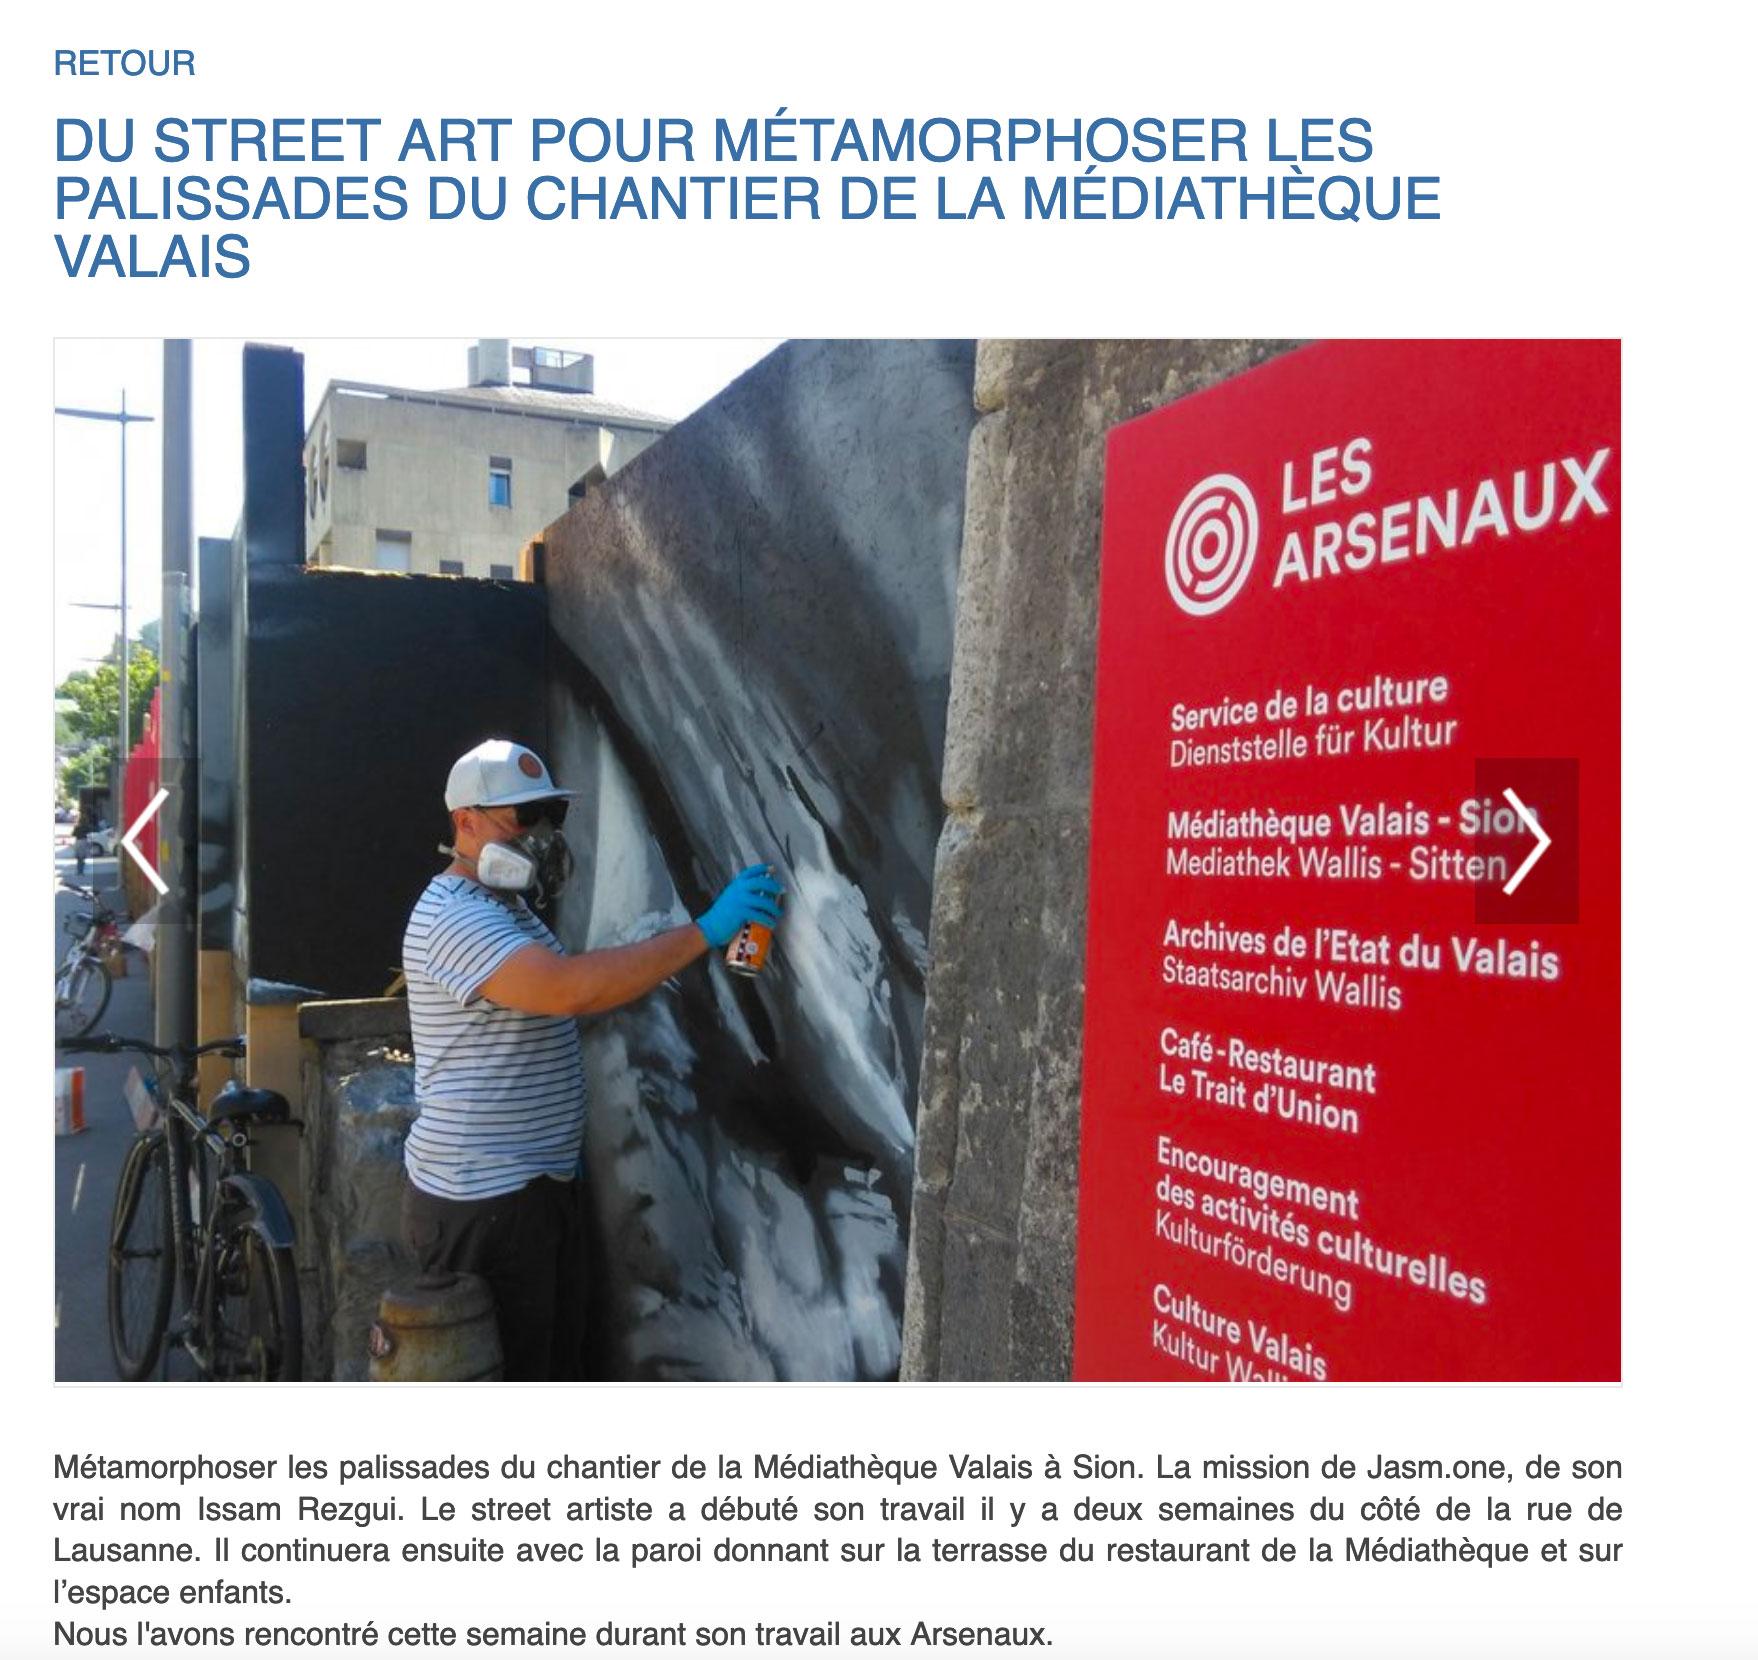 article de presse radion rhone fm jasm 1 jasm1 jasm one issam rezgui graffiti street art sion valais suisse médiathèque arsenaux